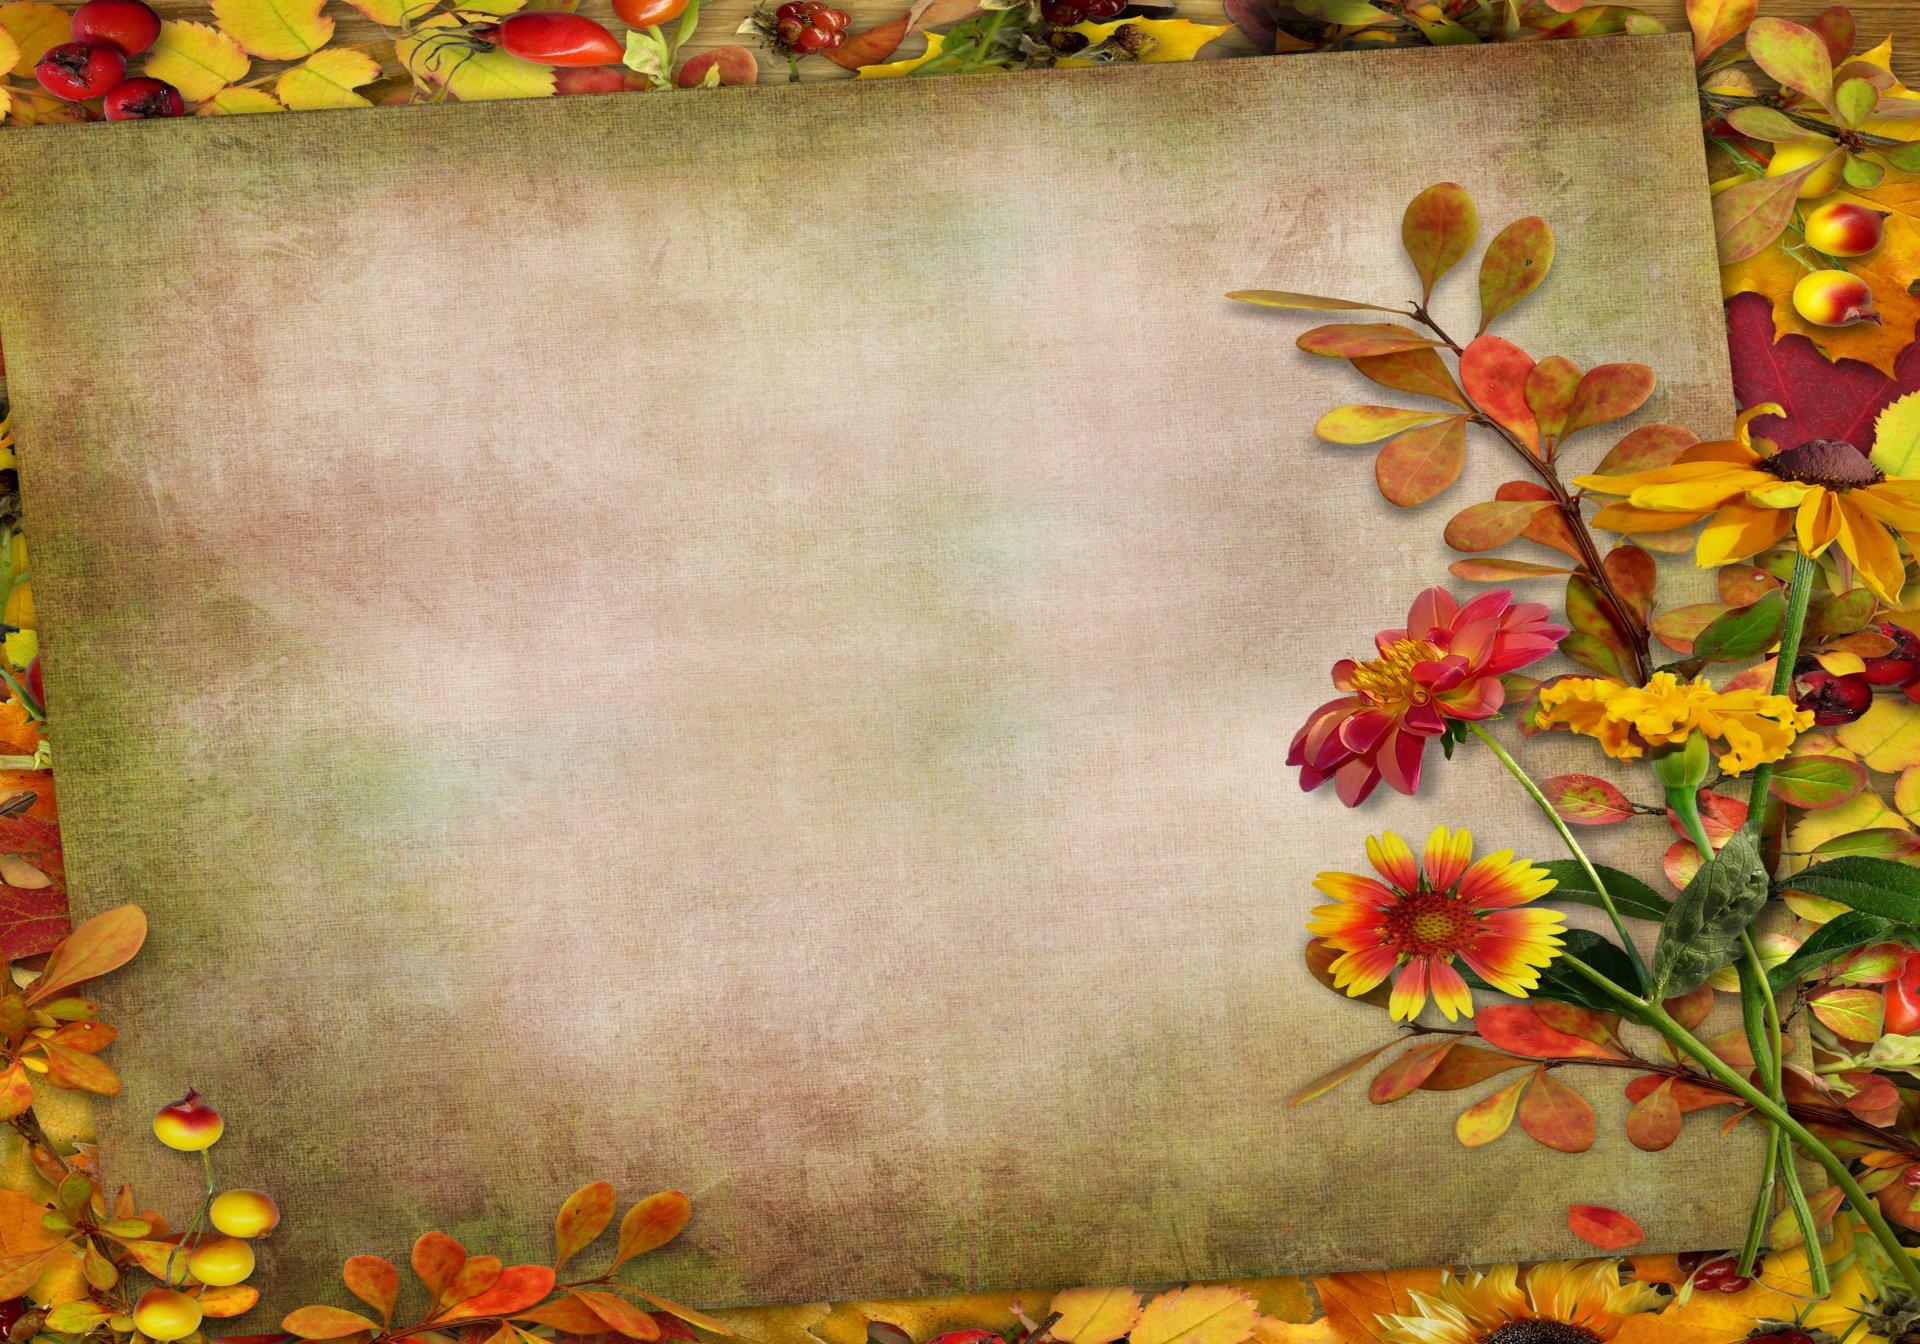 Осенние цветы фон для открытки